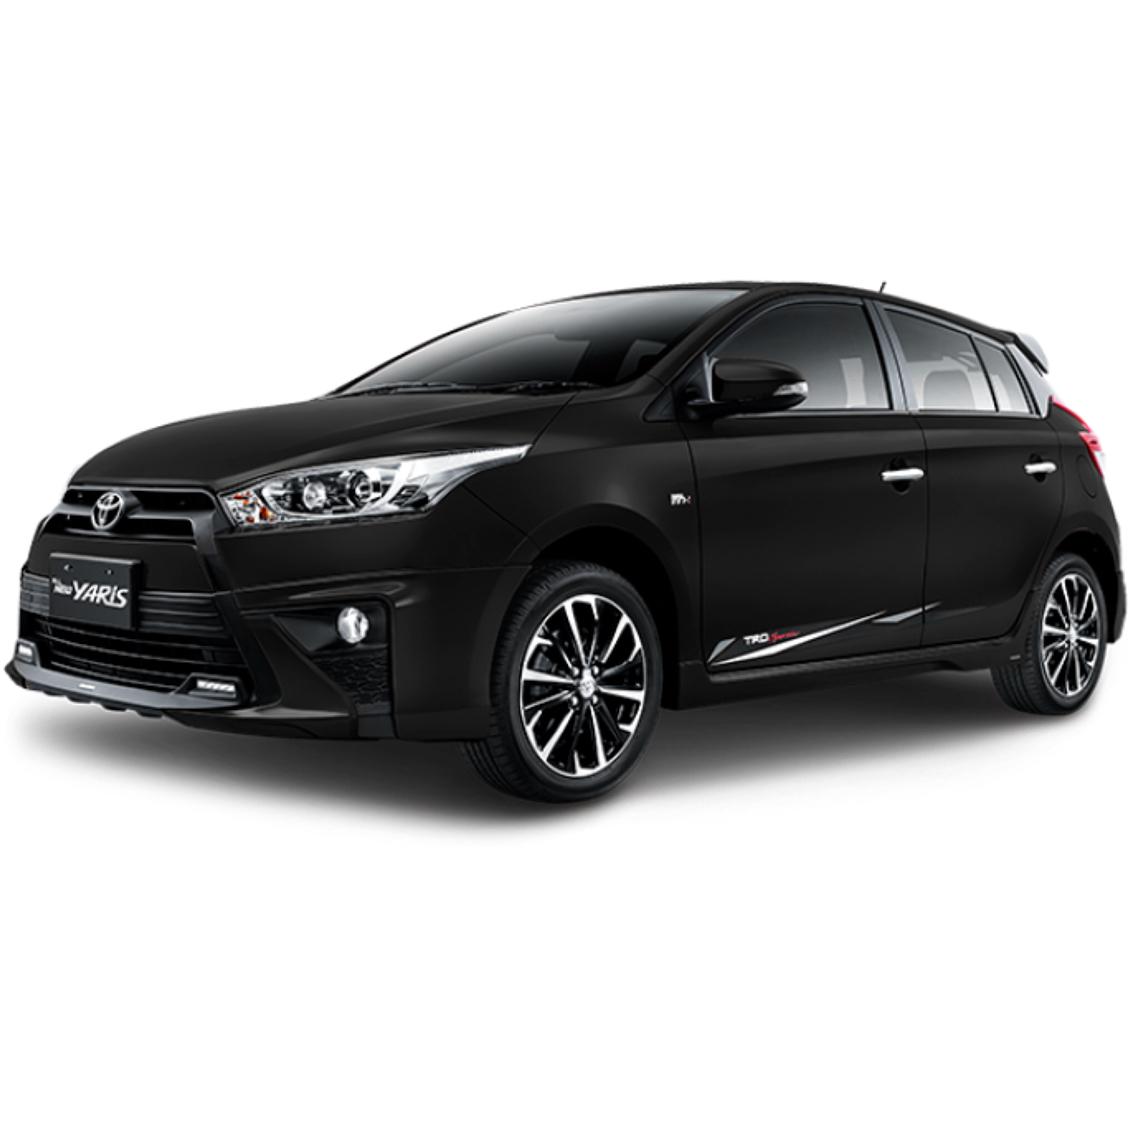 Harga New Yaris Trd Kelebihan Grand Veloz 1.5 Mobil Toyota Semarang Sales Promo Kredit